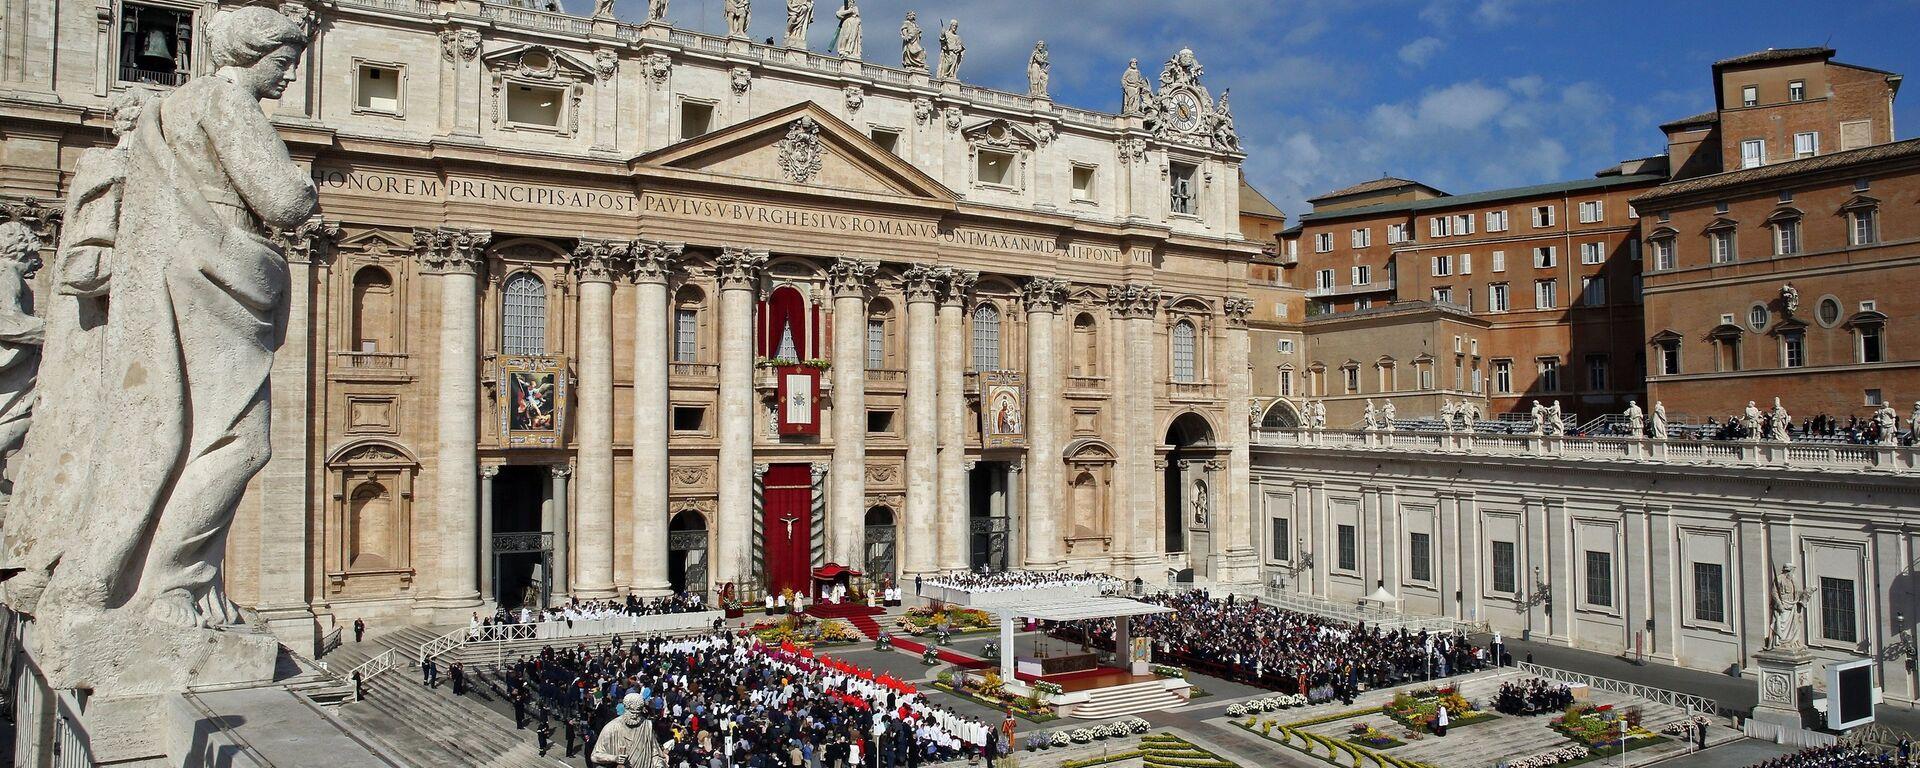 Il Papa Francesco tiene la messa di Pasqua alla Cattedrale di San Pietro in Vaticano. - Sputnik Italia, 1920, 23.06.2021